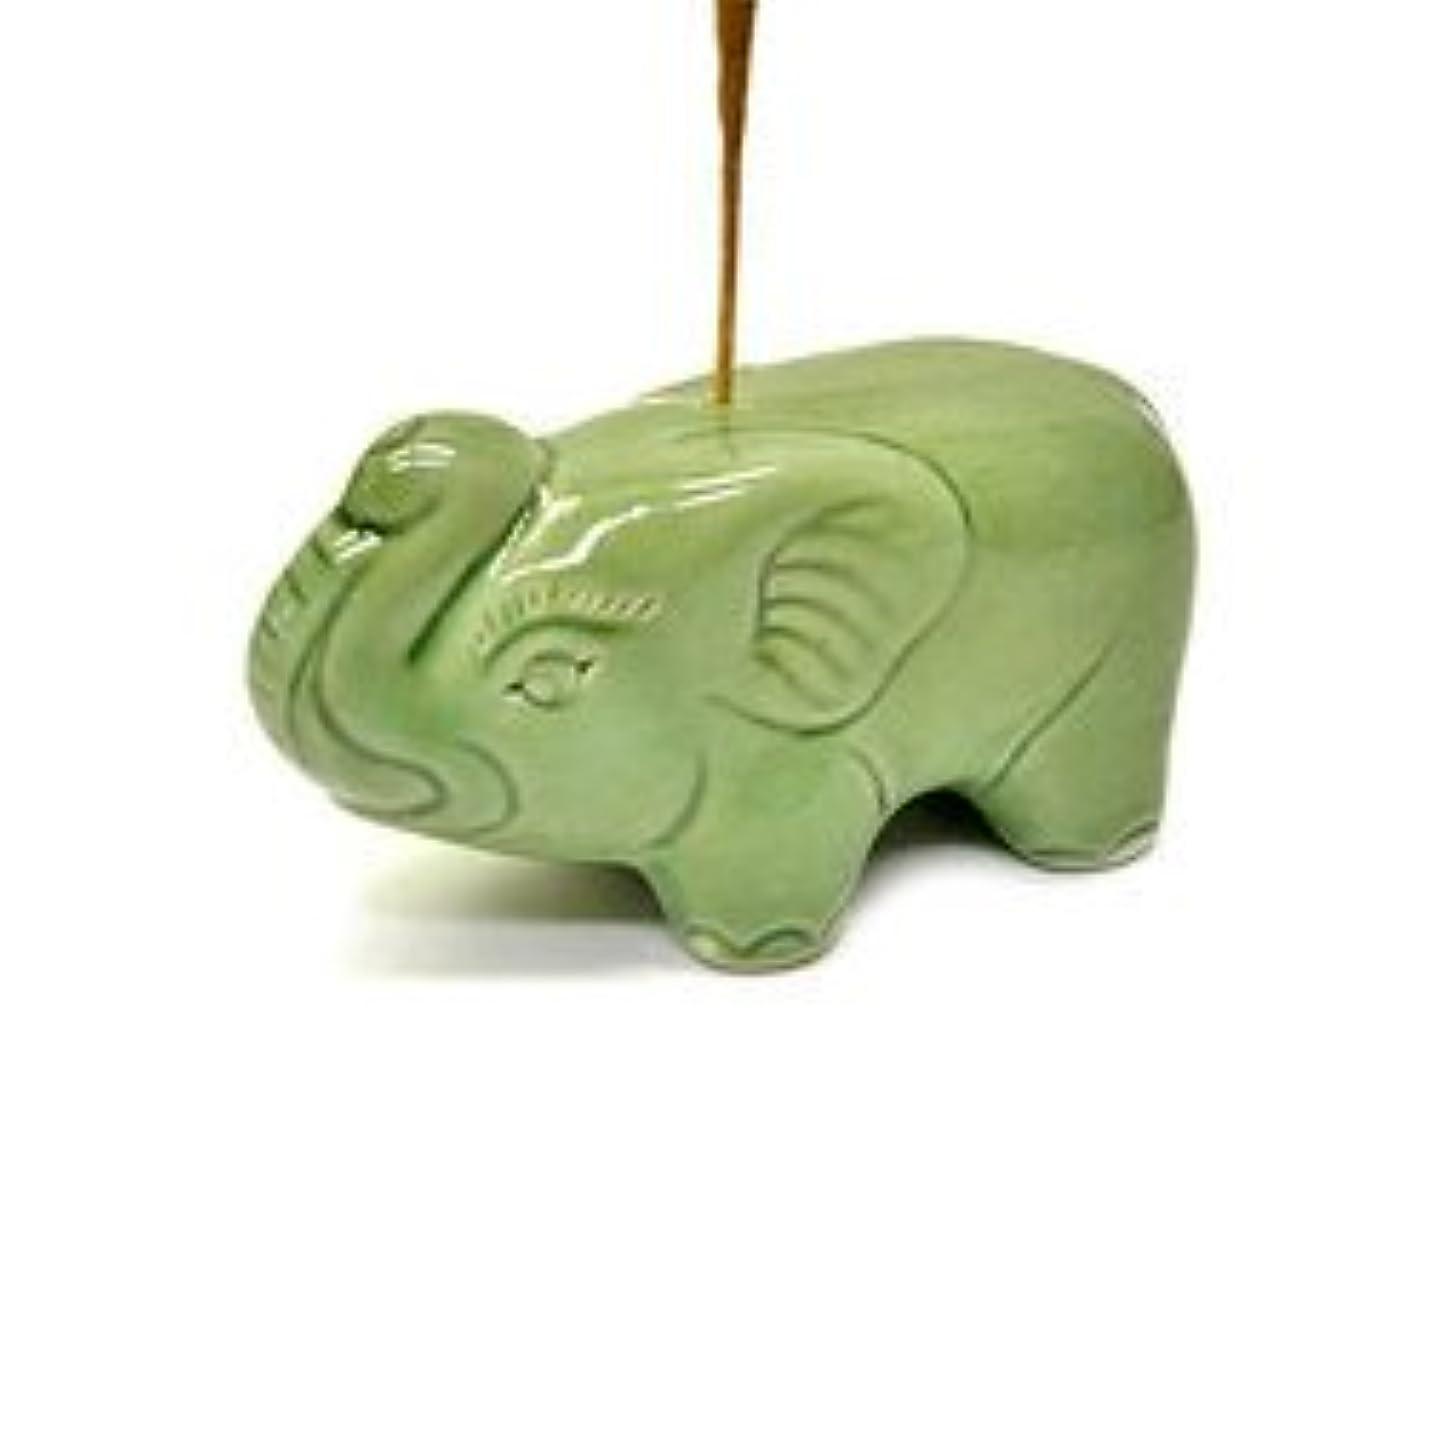 ターミナル測定可能お金象さんのお香立て <緑> インセンスホルダー/スティックタイプ用お香立て?お香たて アジアン雑貨